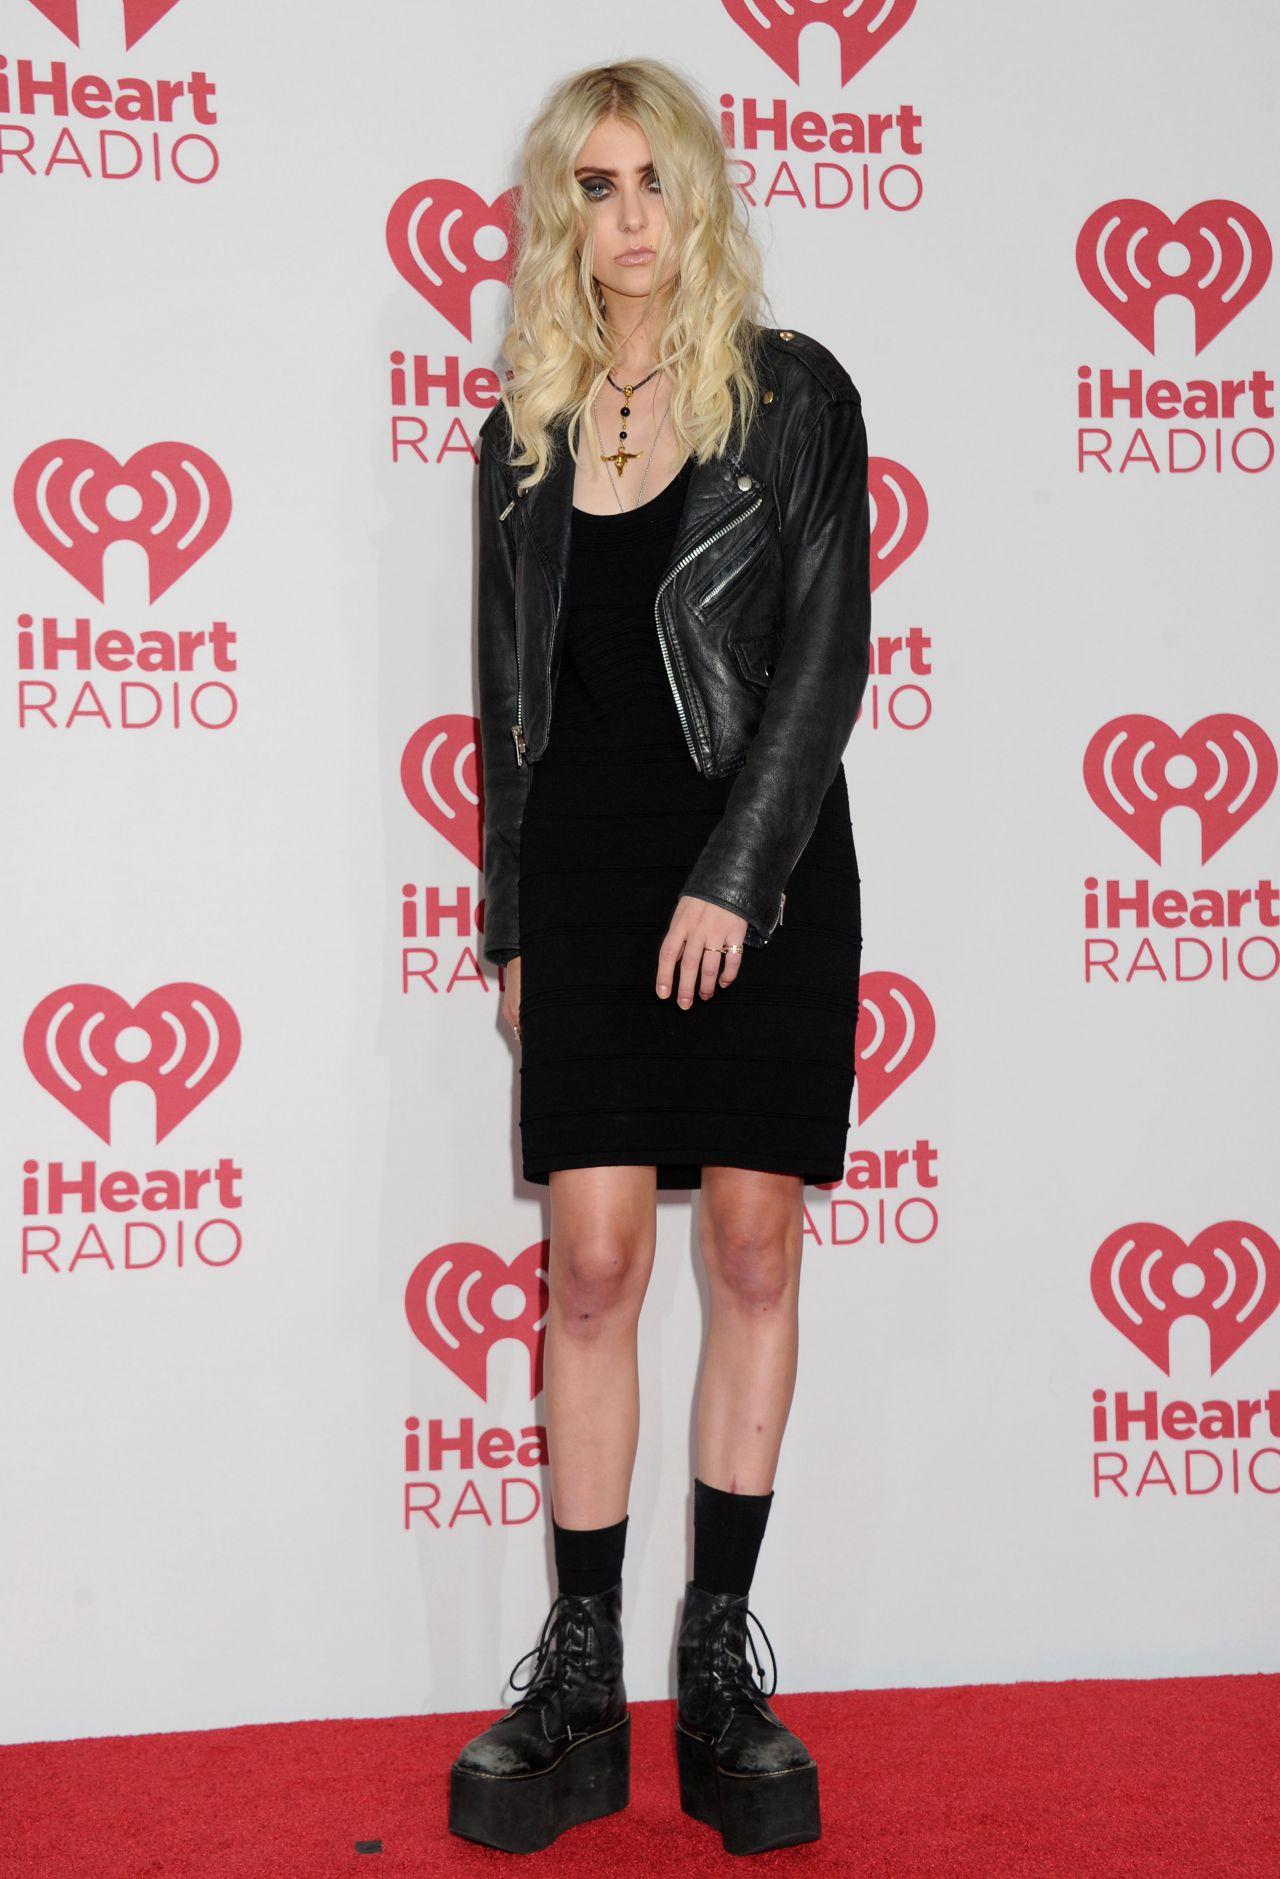 Taylor Momsen 2014